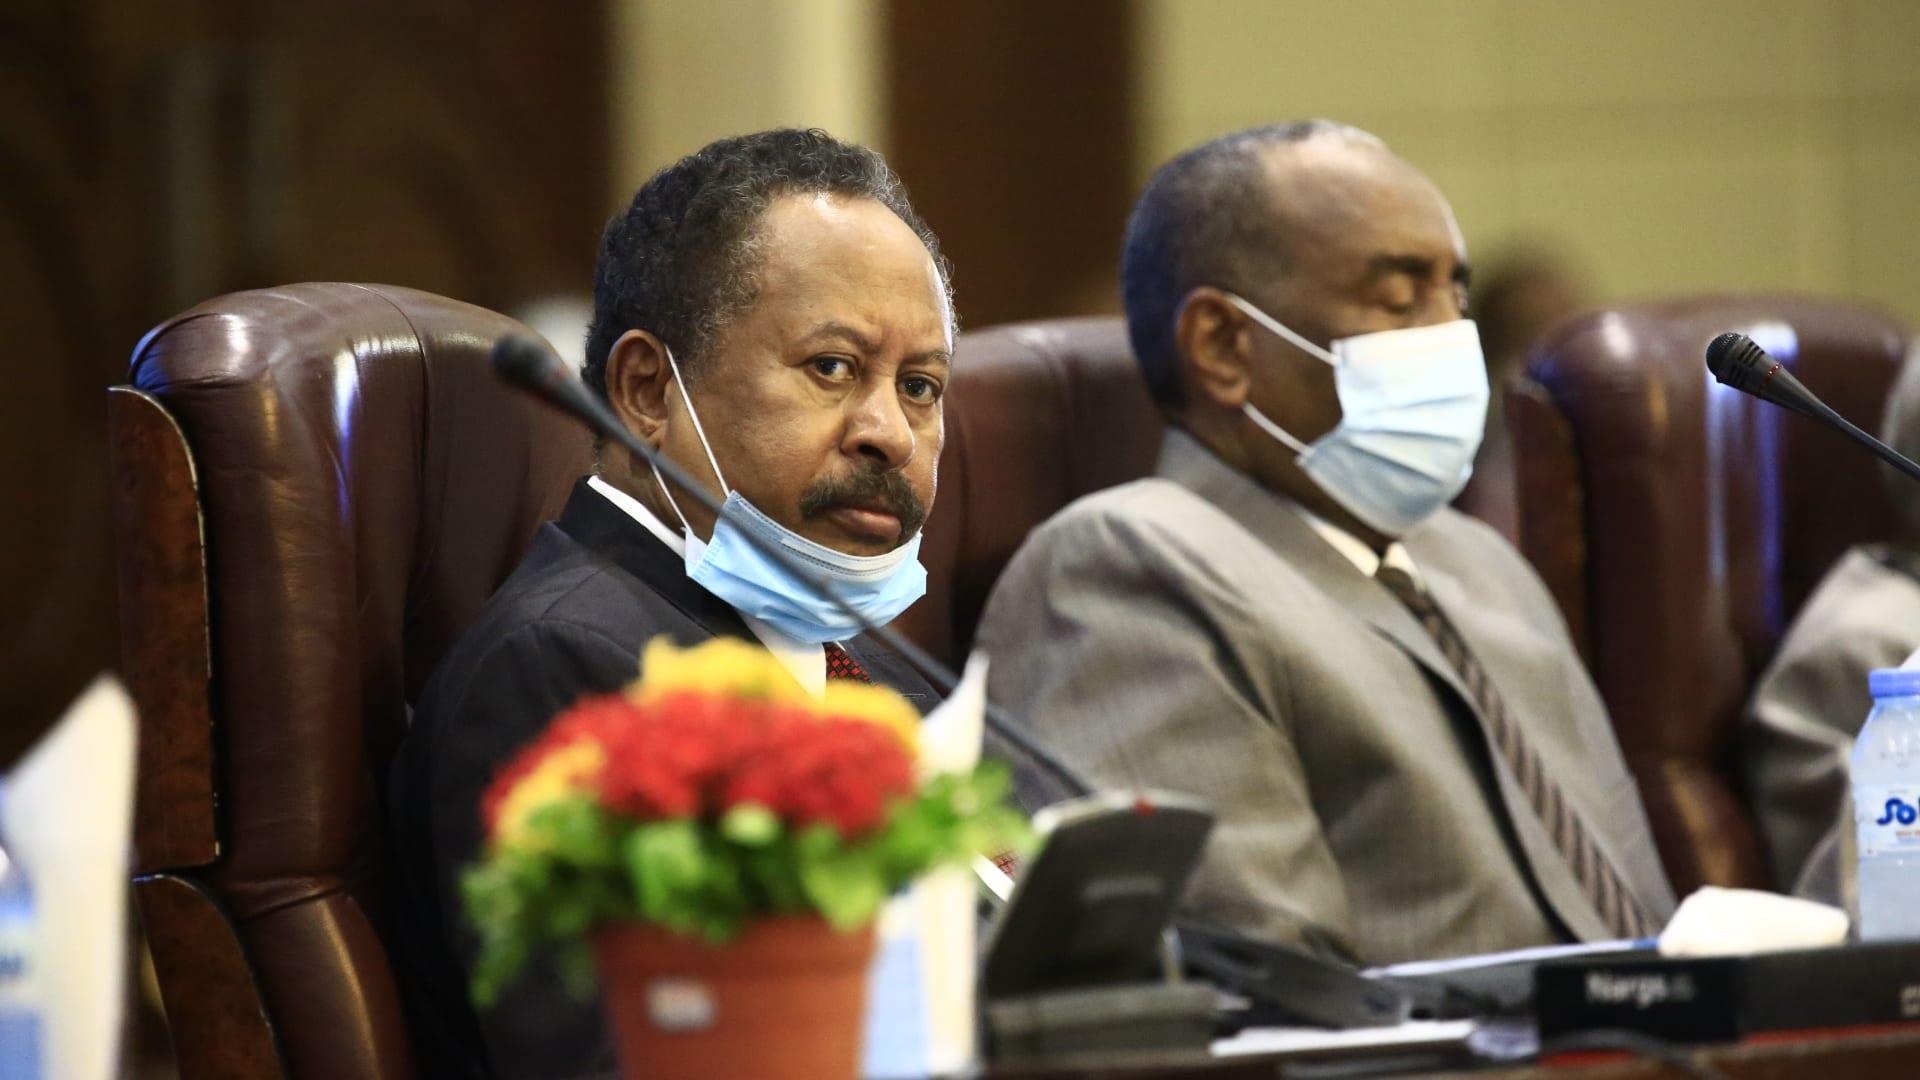 رئيس وزراء السودان: طلبت من بومبيو فصل مسار التطبيع عن رفع الخرطوم من قائمة الإرهاب